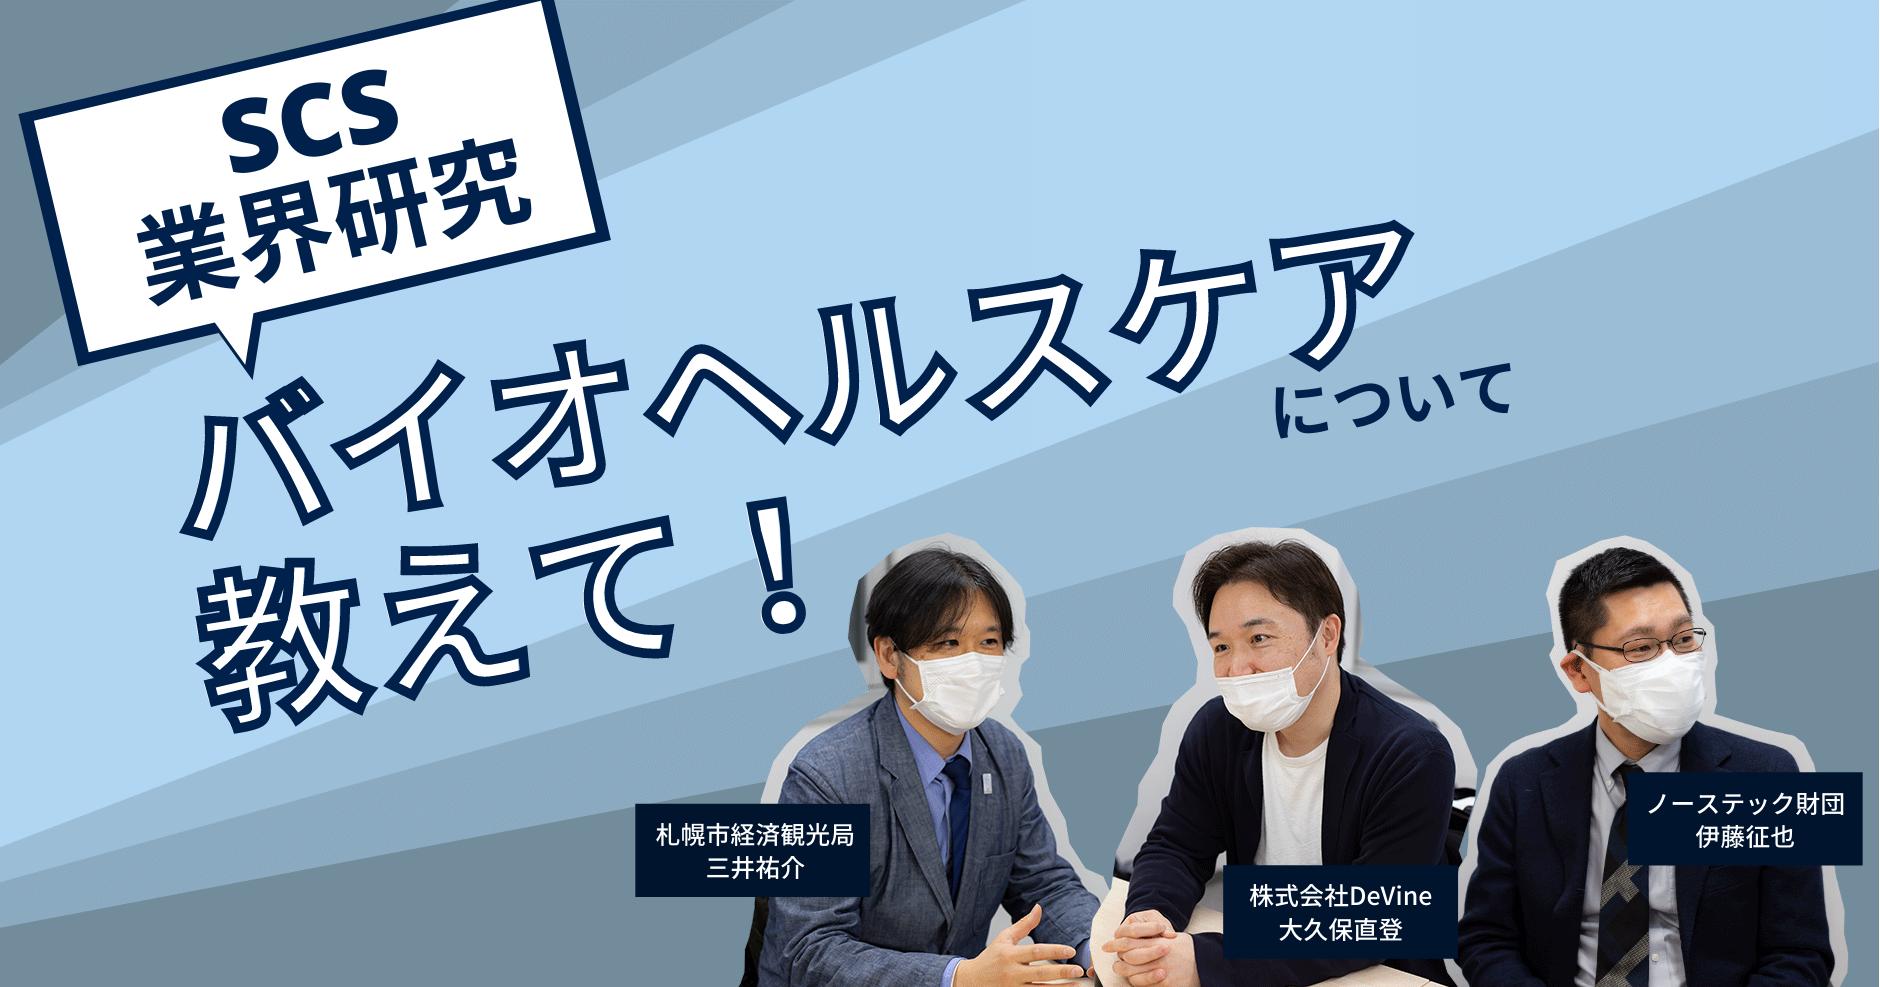 【SCS業界研究】バイオヘルスケア領域は北海道の強み!?